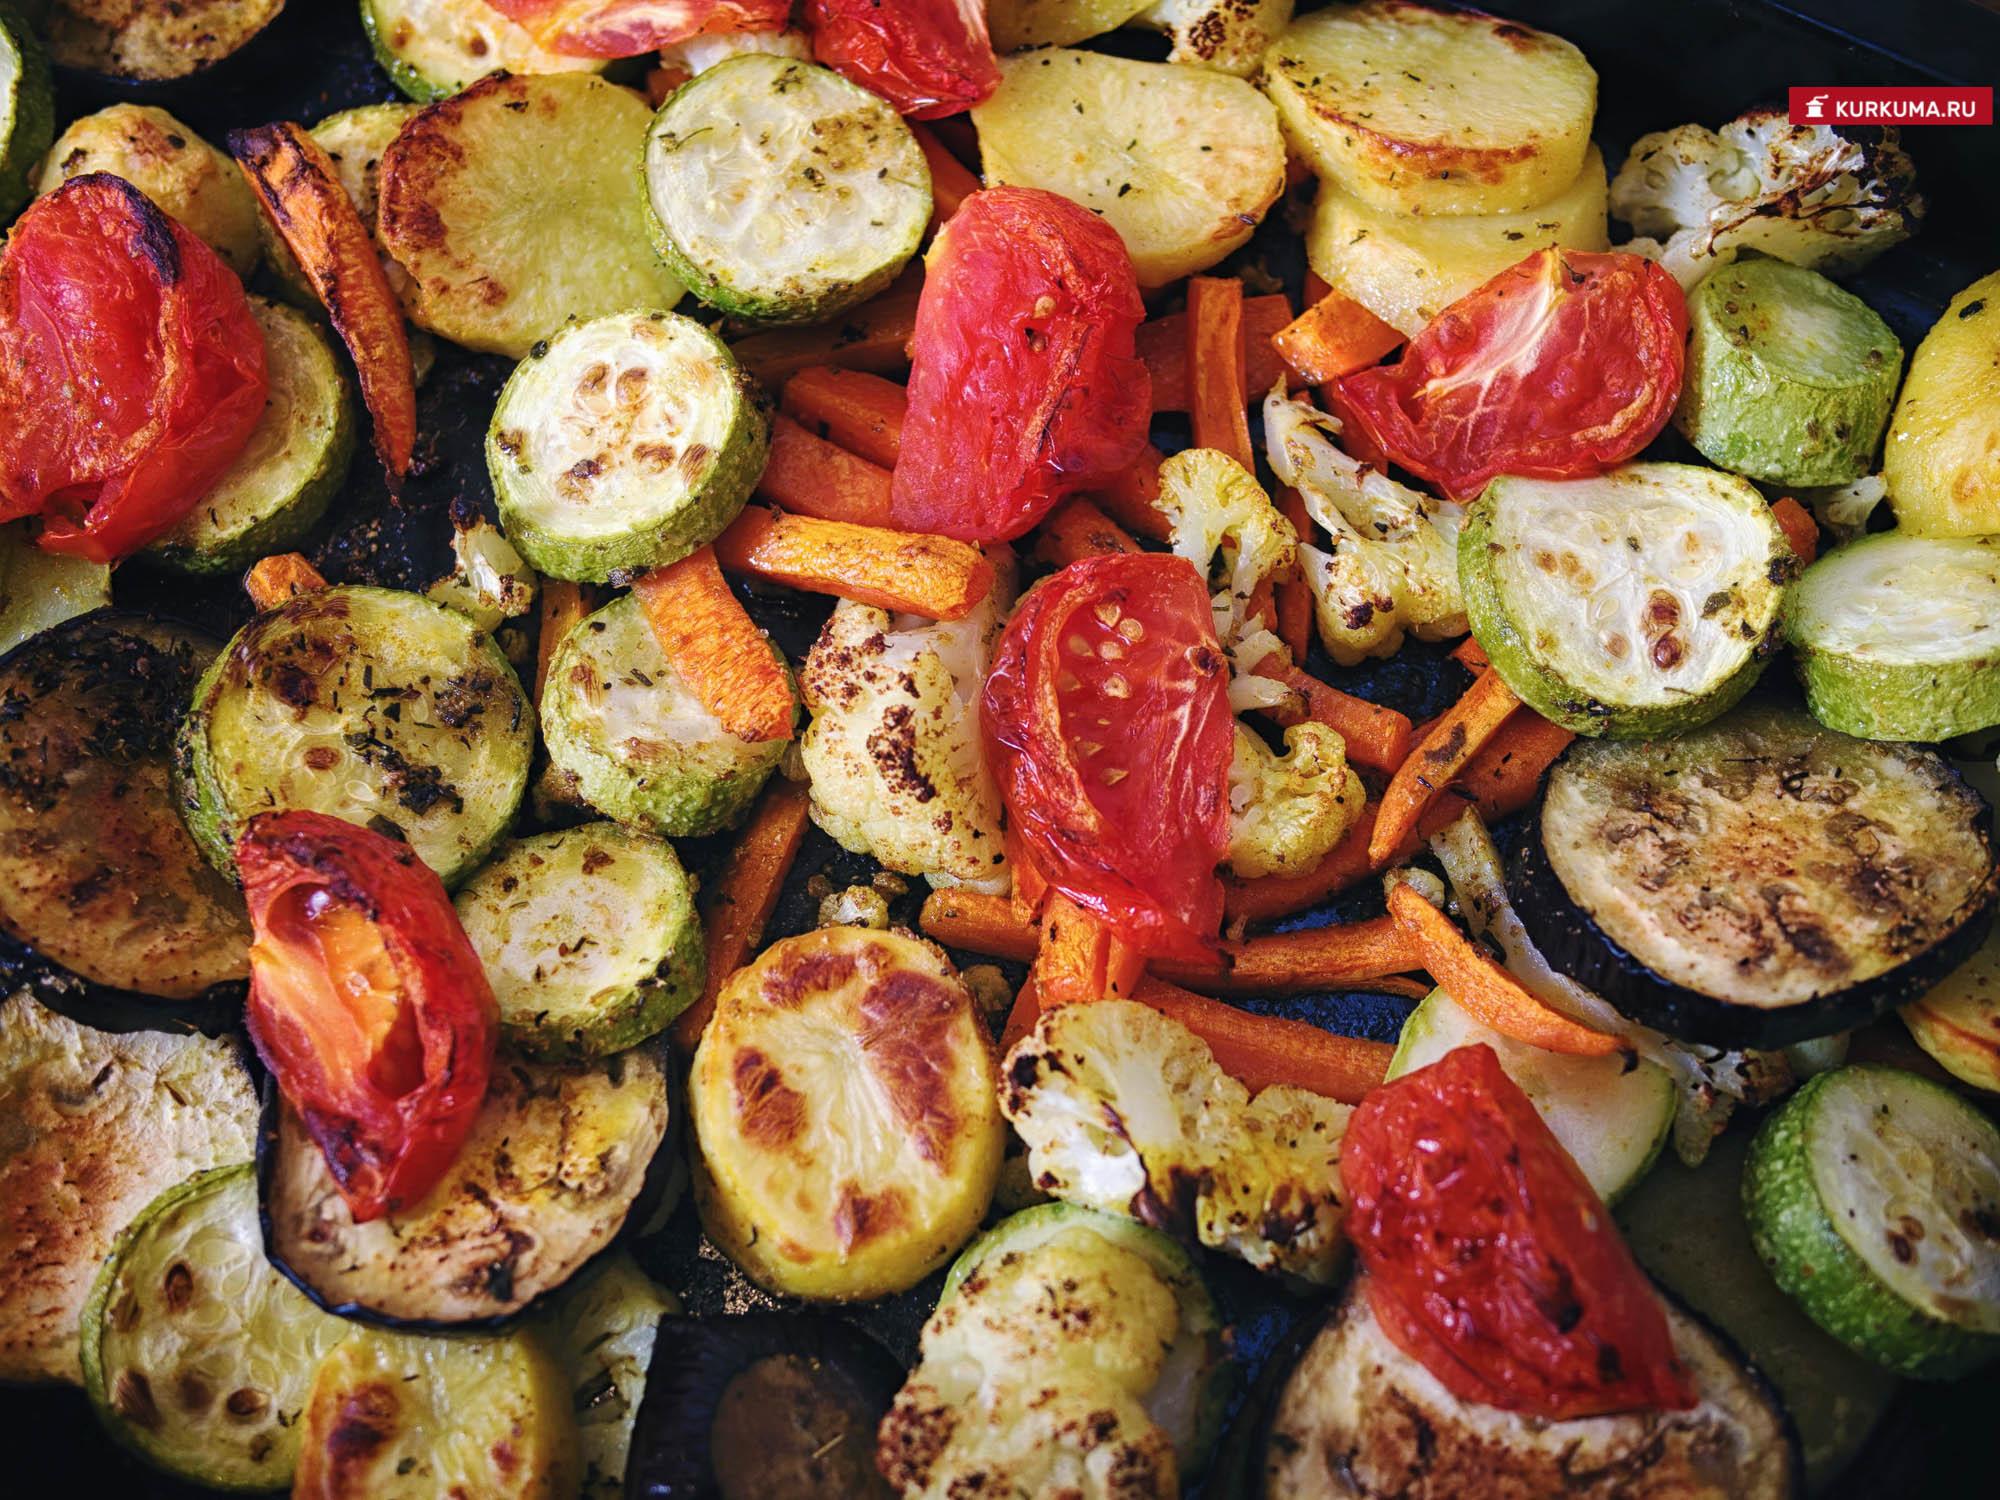 Запеченные овощи рецепт с фото